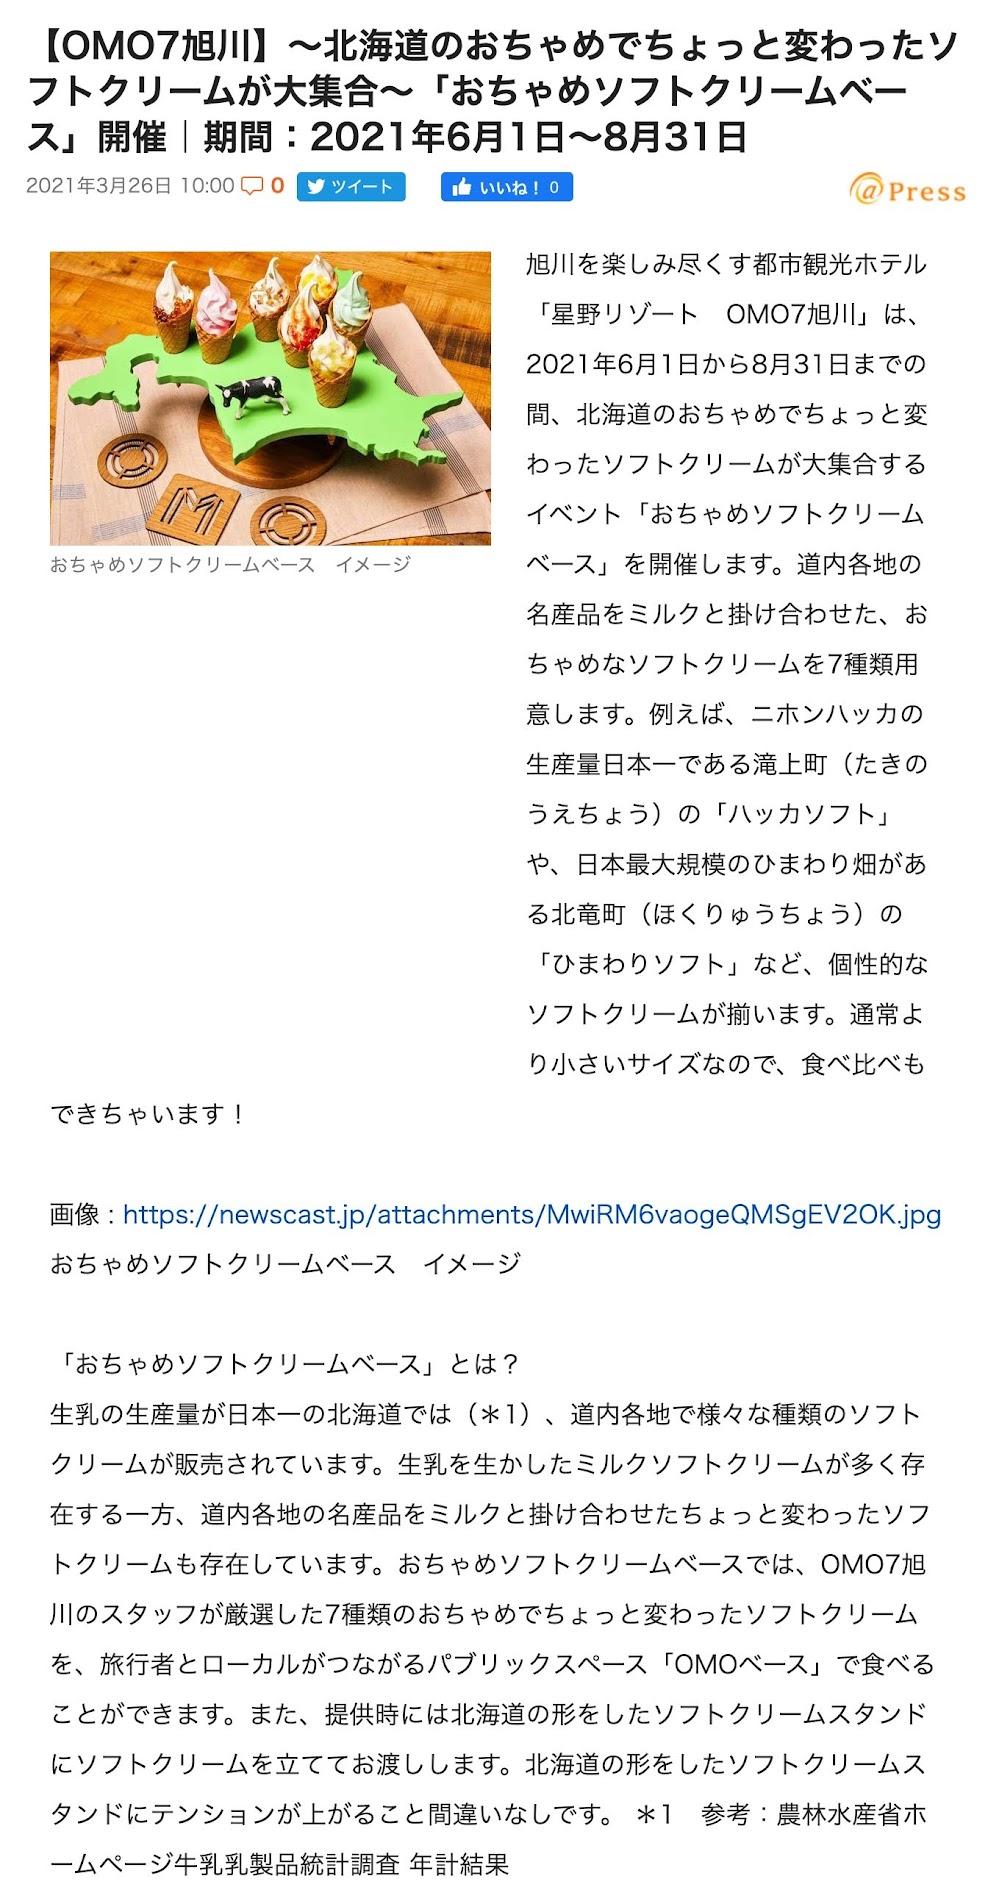 【OMO7旭川】北海道のおちゃめでちょっと変わったソフトクリームが大集合